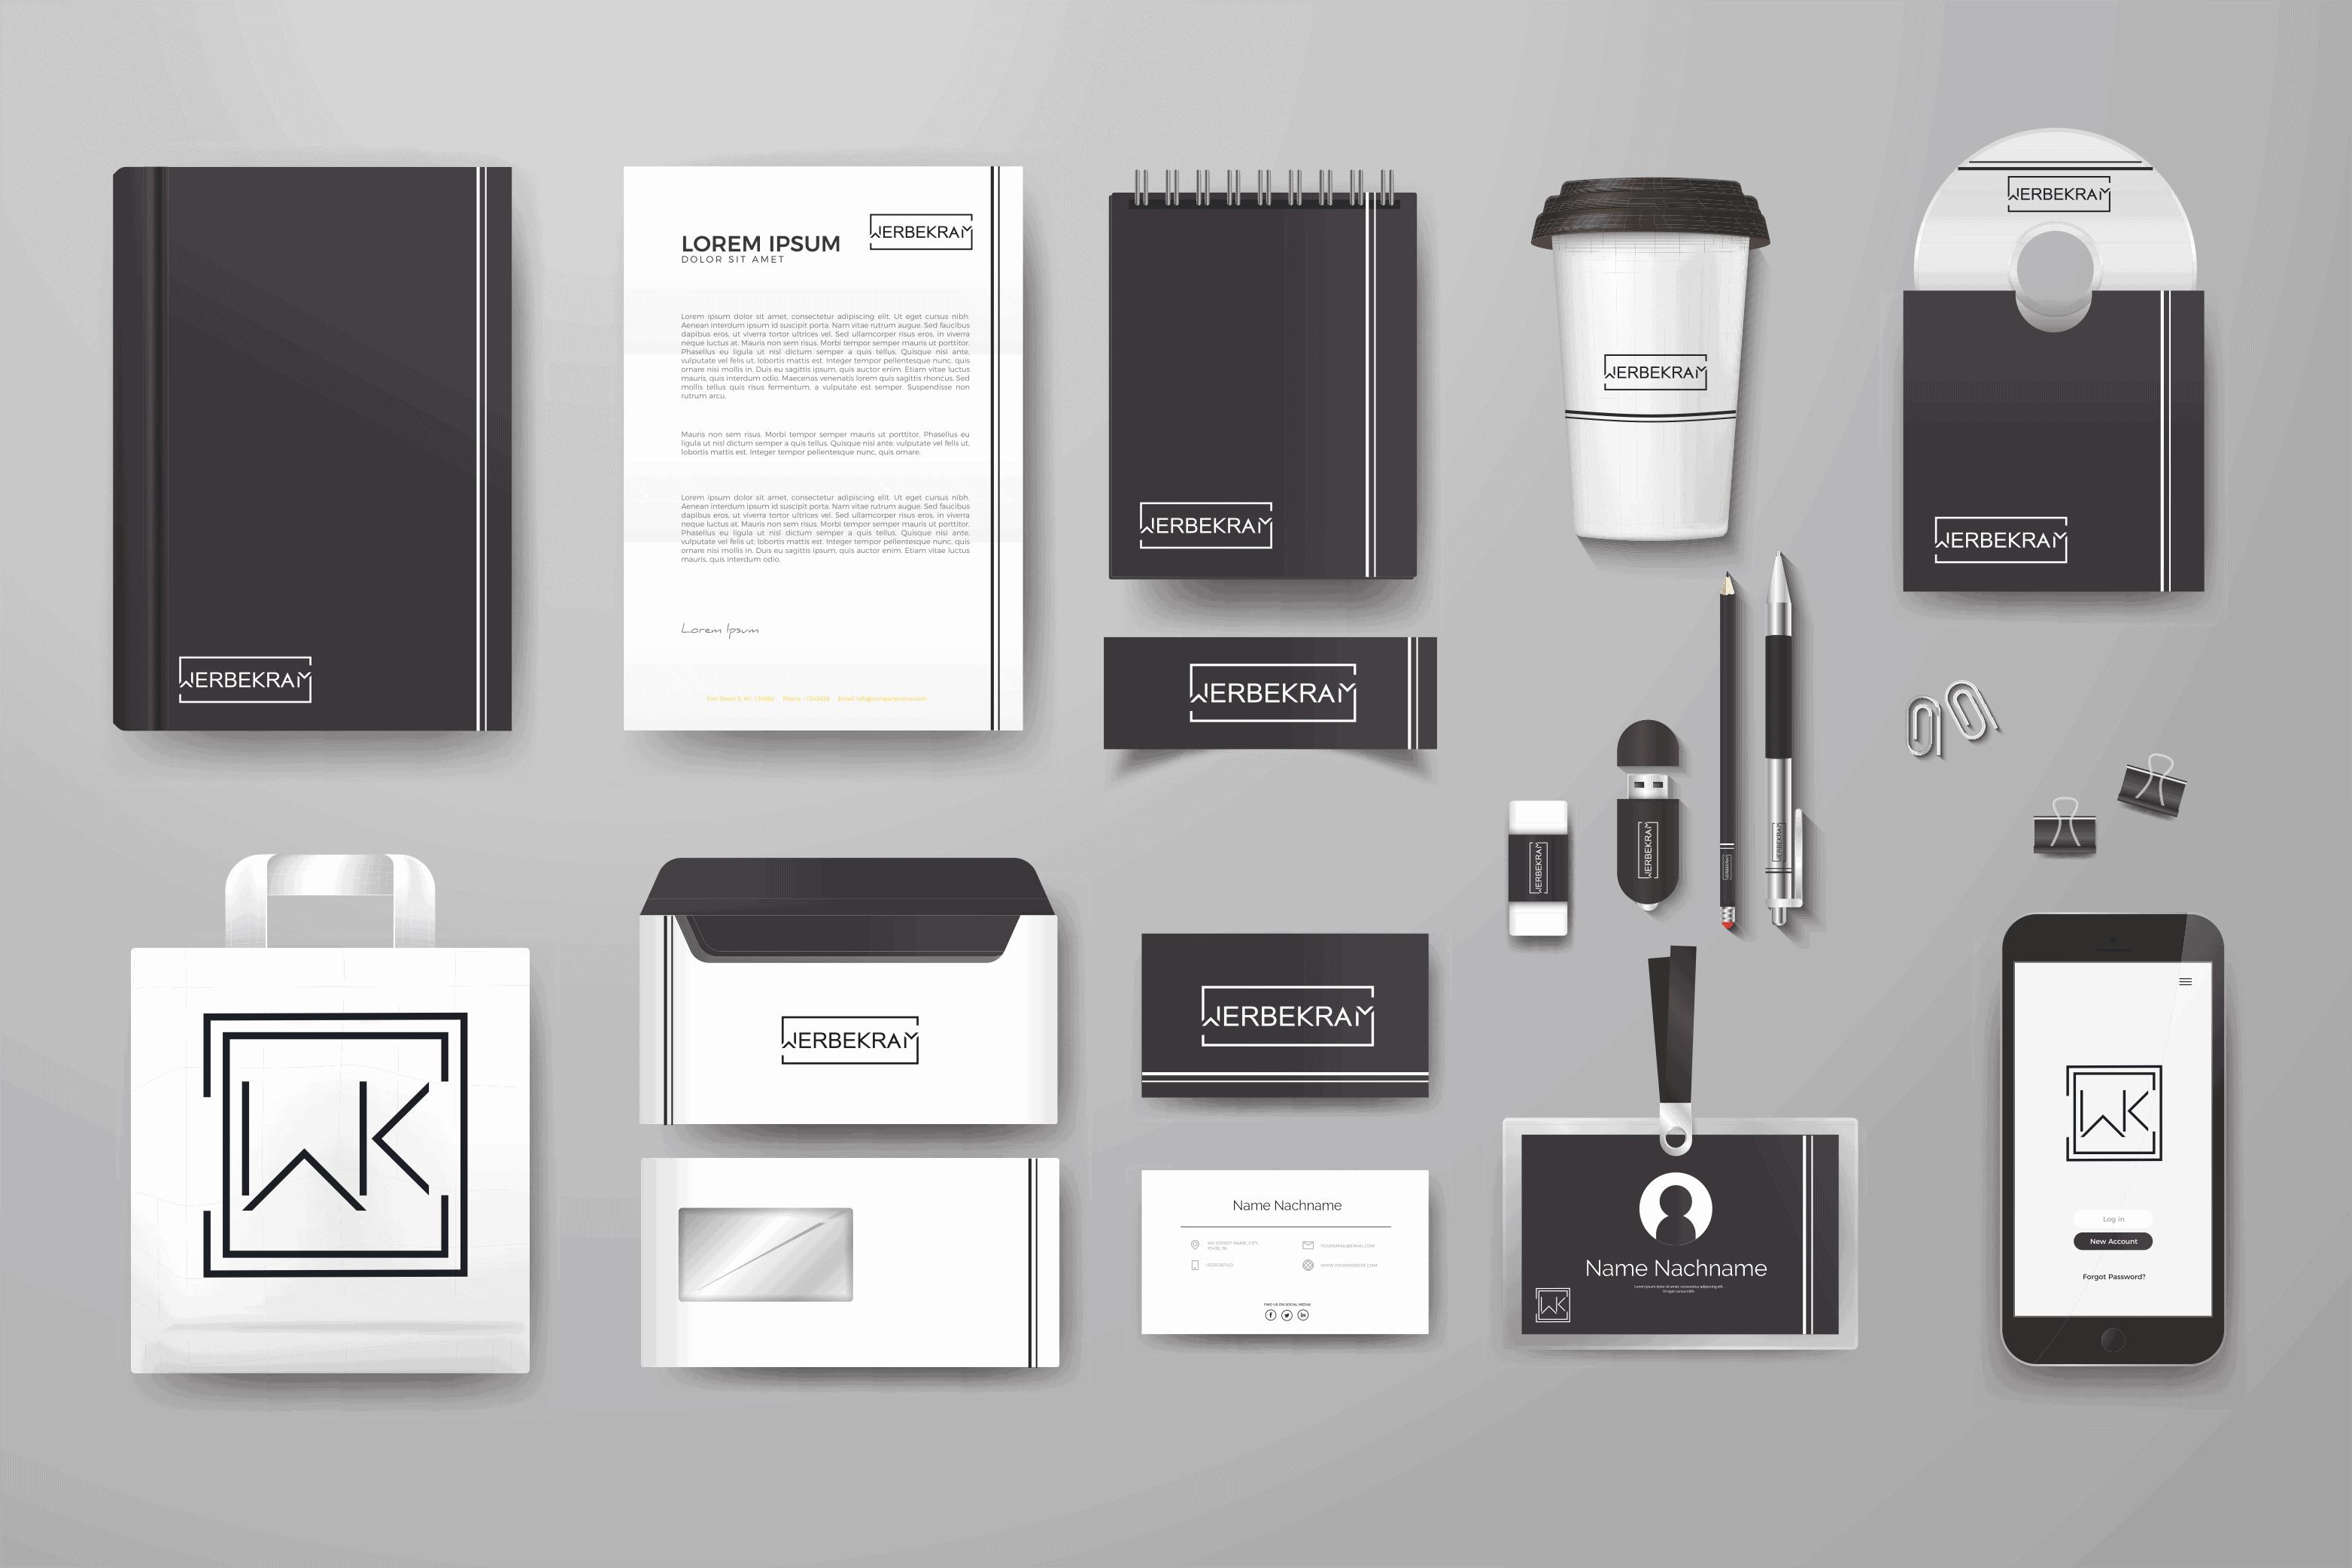 Corporate Design von Werbekram